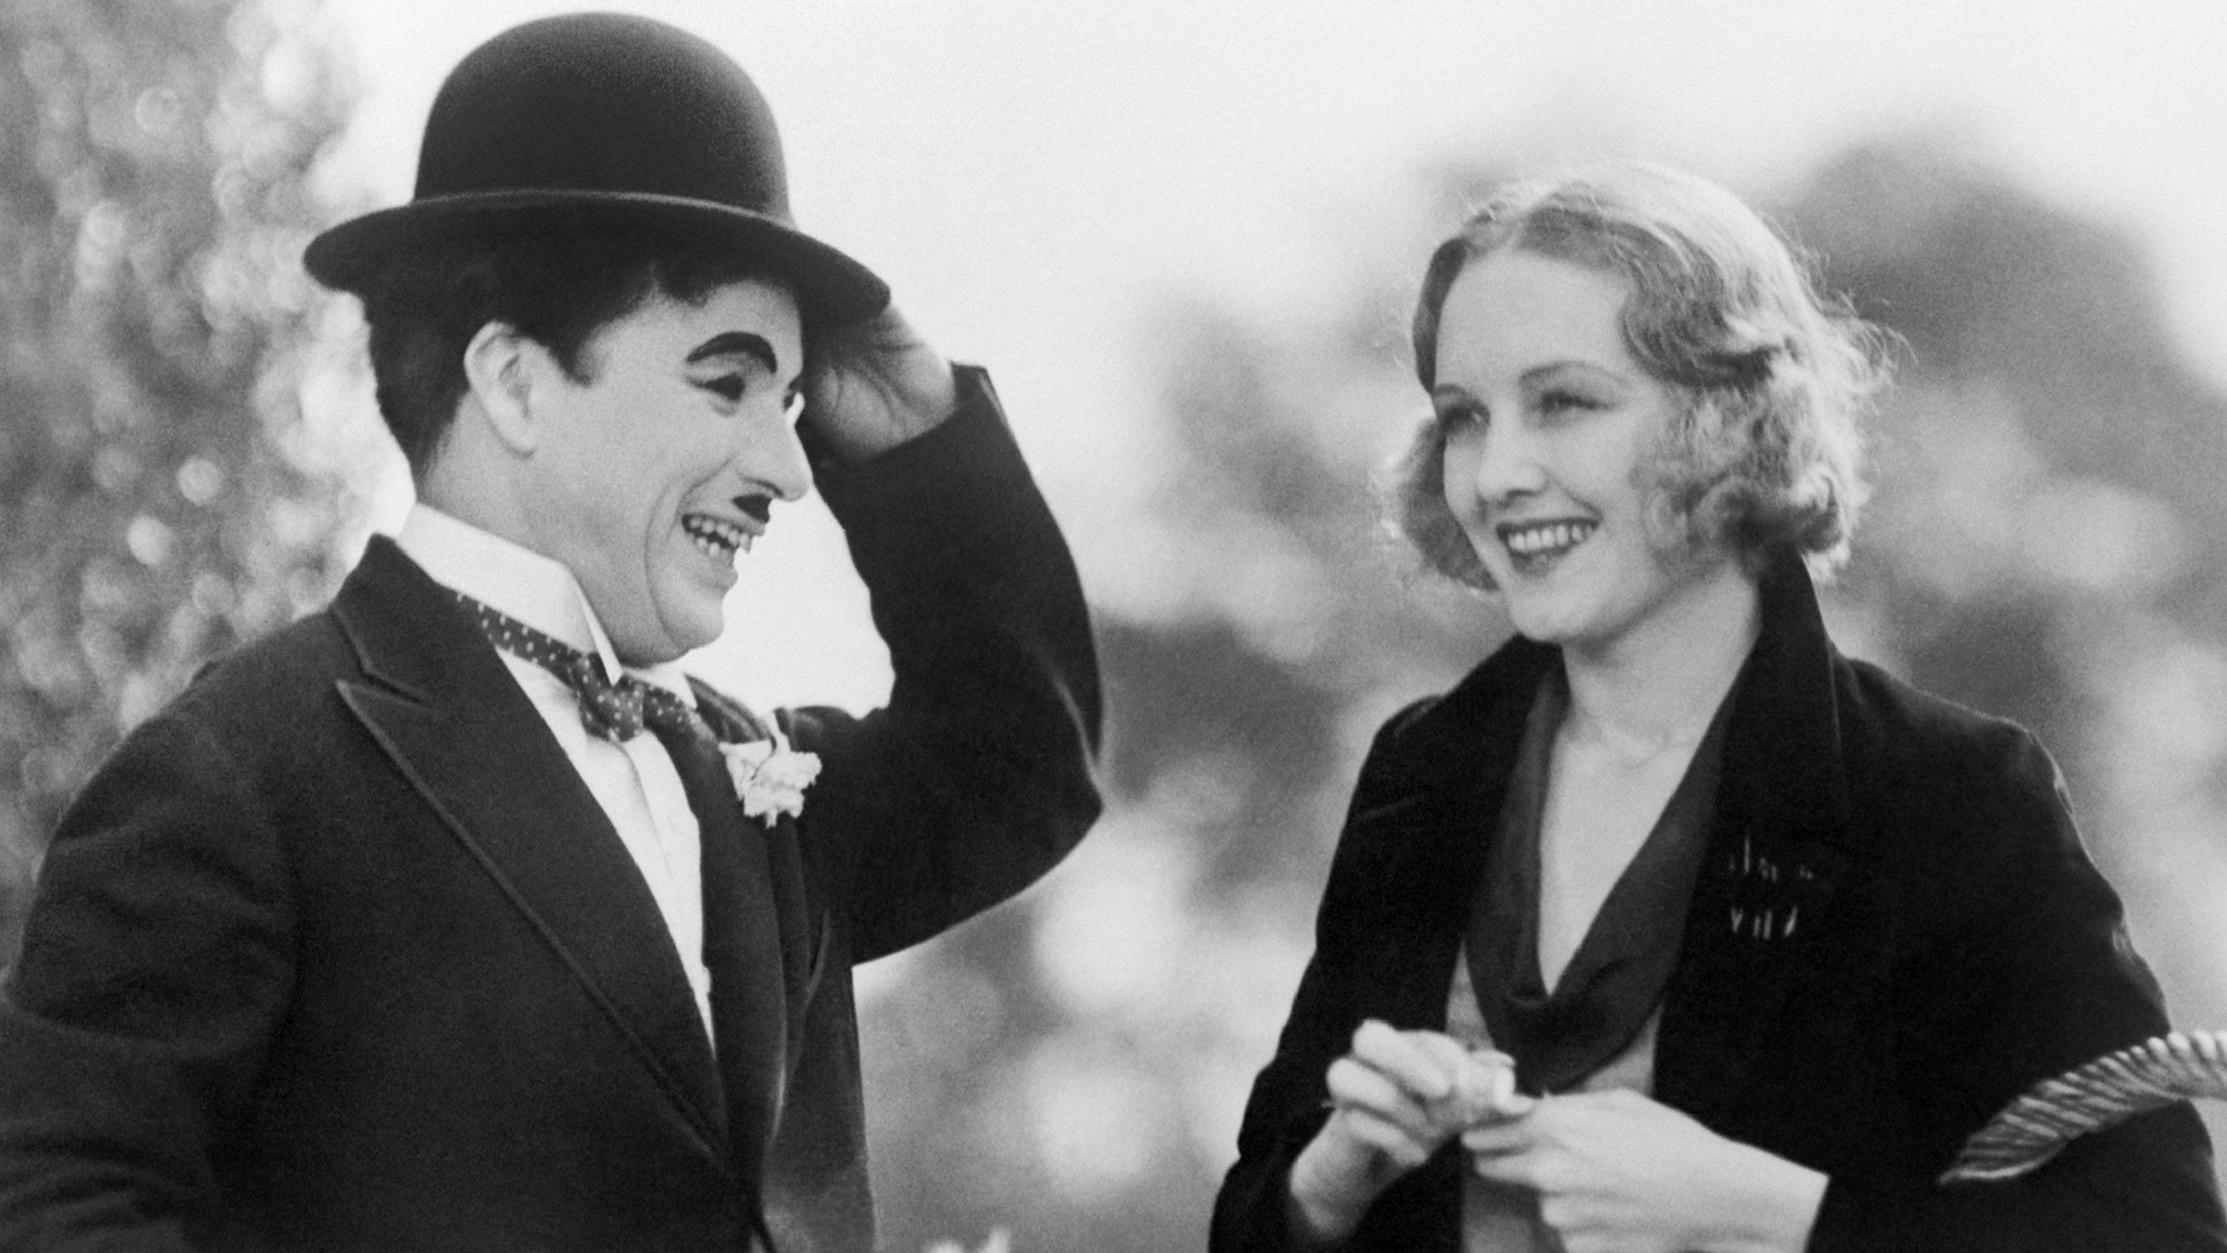 #1) City Lights - (1931 - dir. Charlie Chaplin)